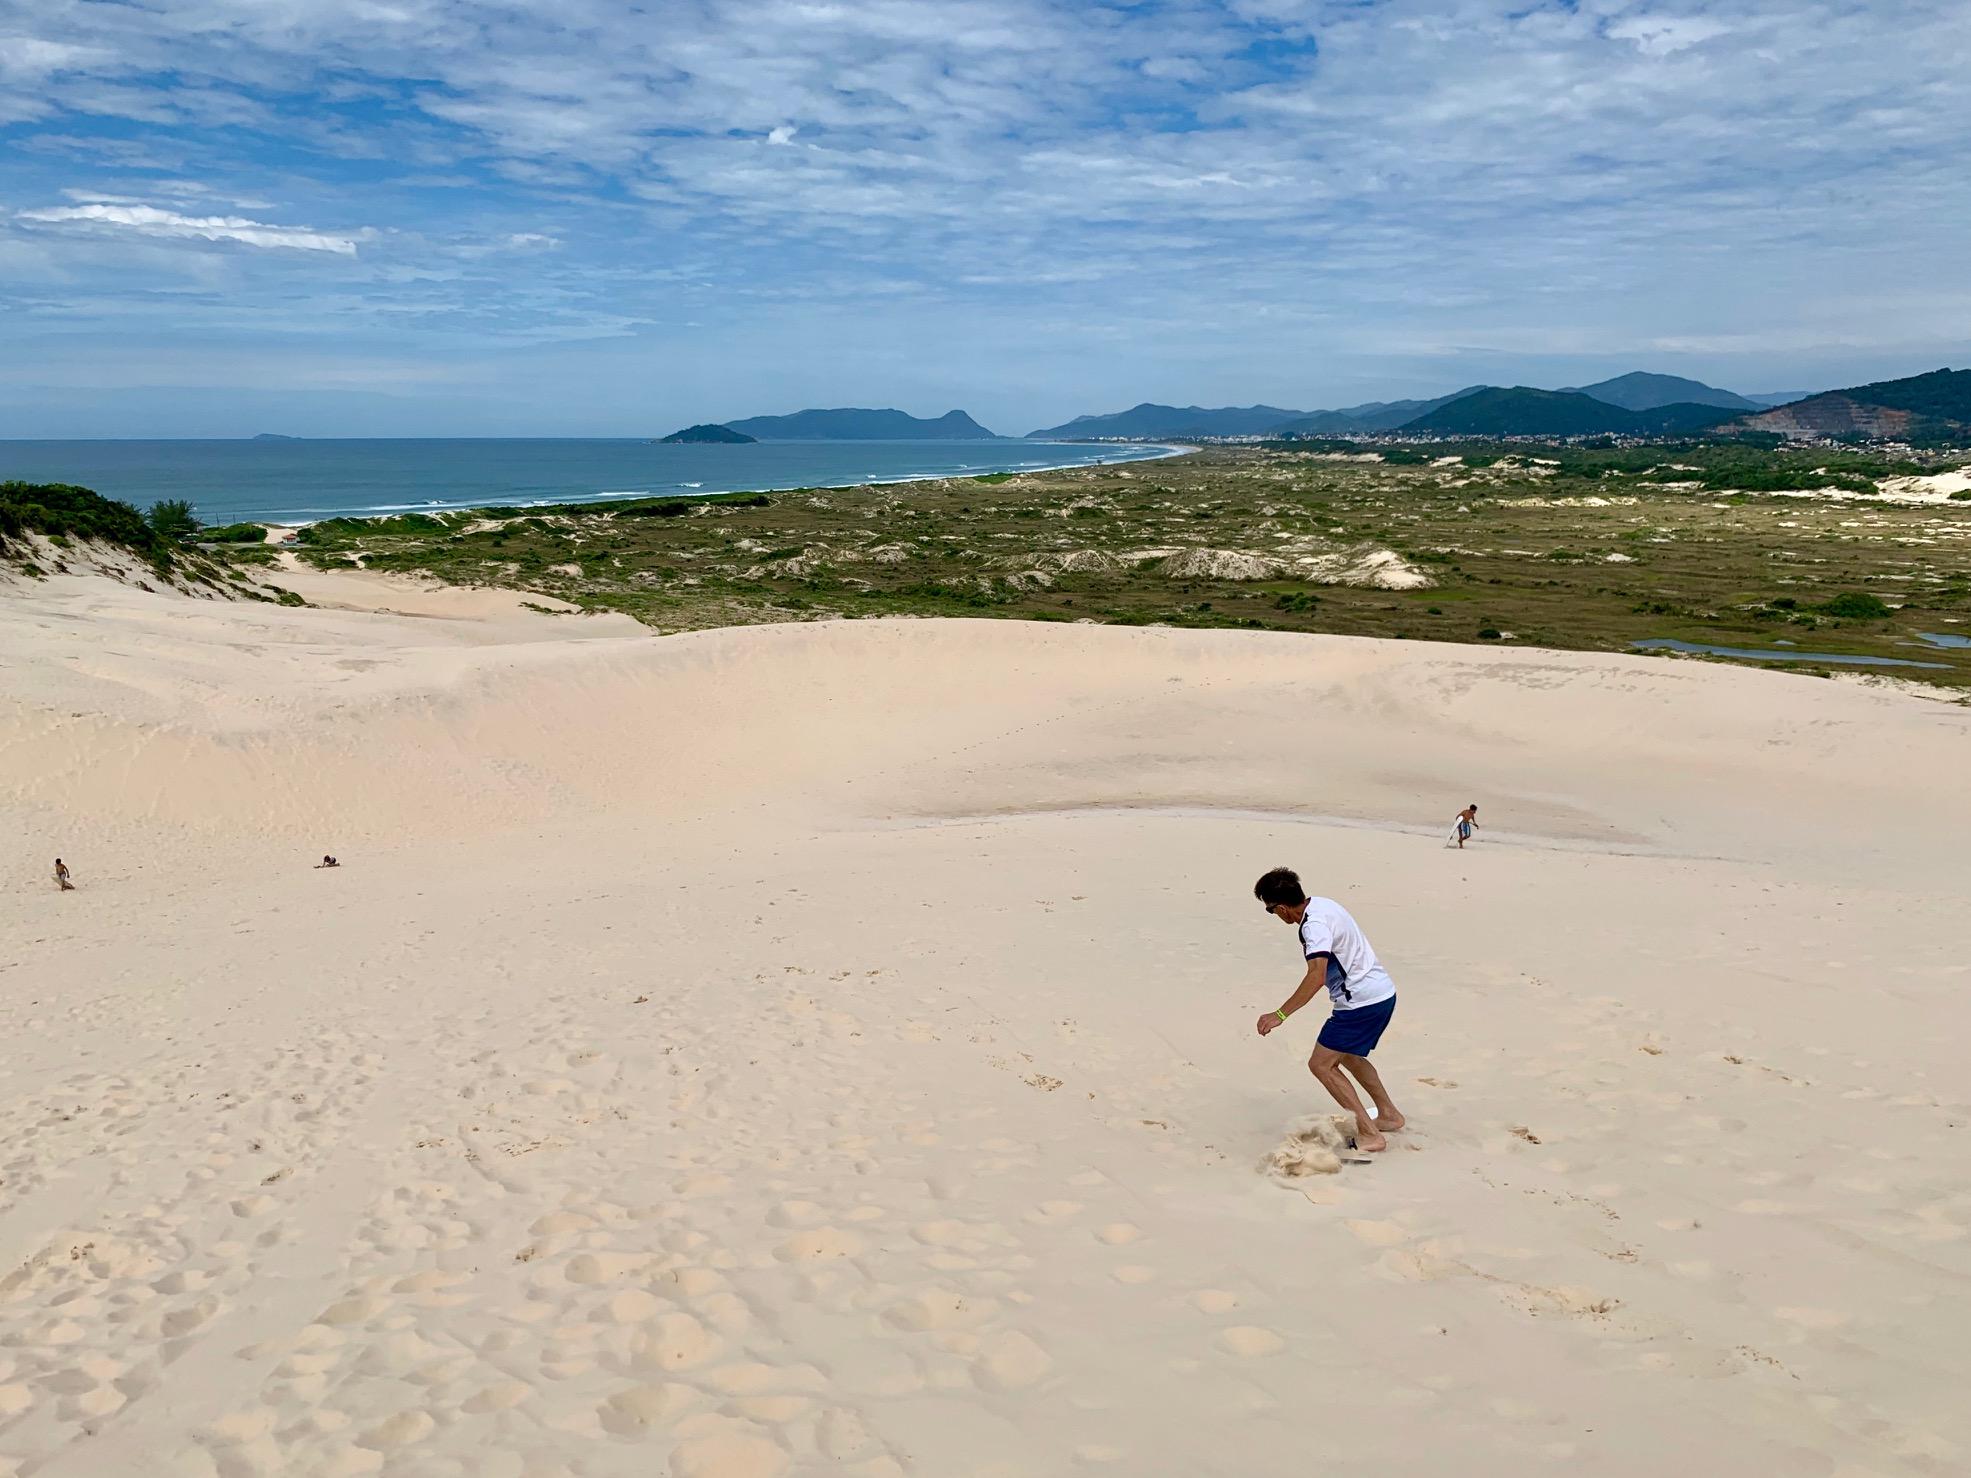 Dunas y sandboard con Playa Joaquina al fondo (Florianópolis)